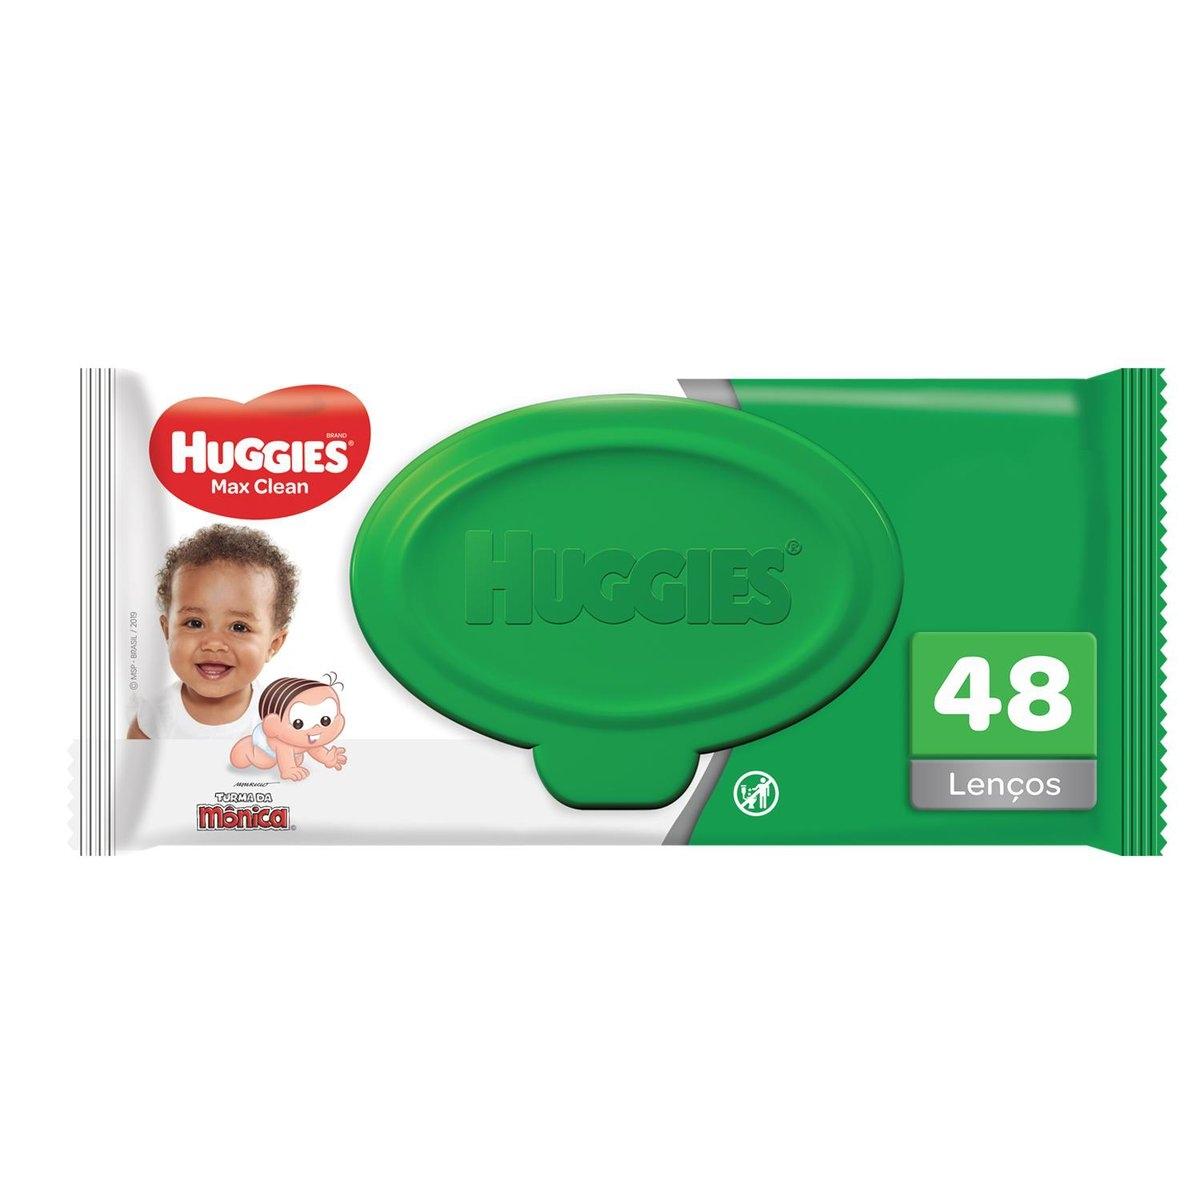 Lenço Umedecido Huggies Max Clean com 48 unidades 48 Unidades